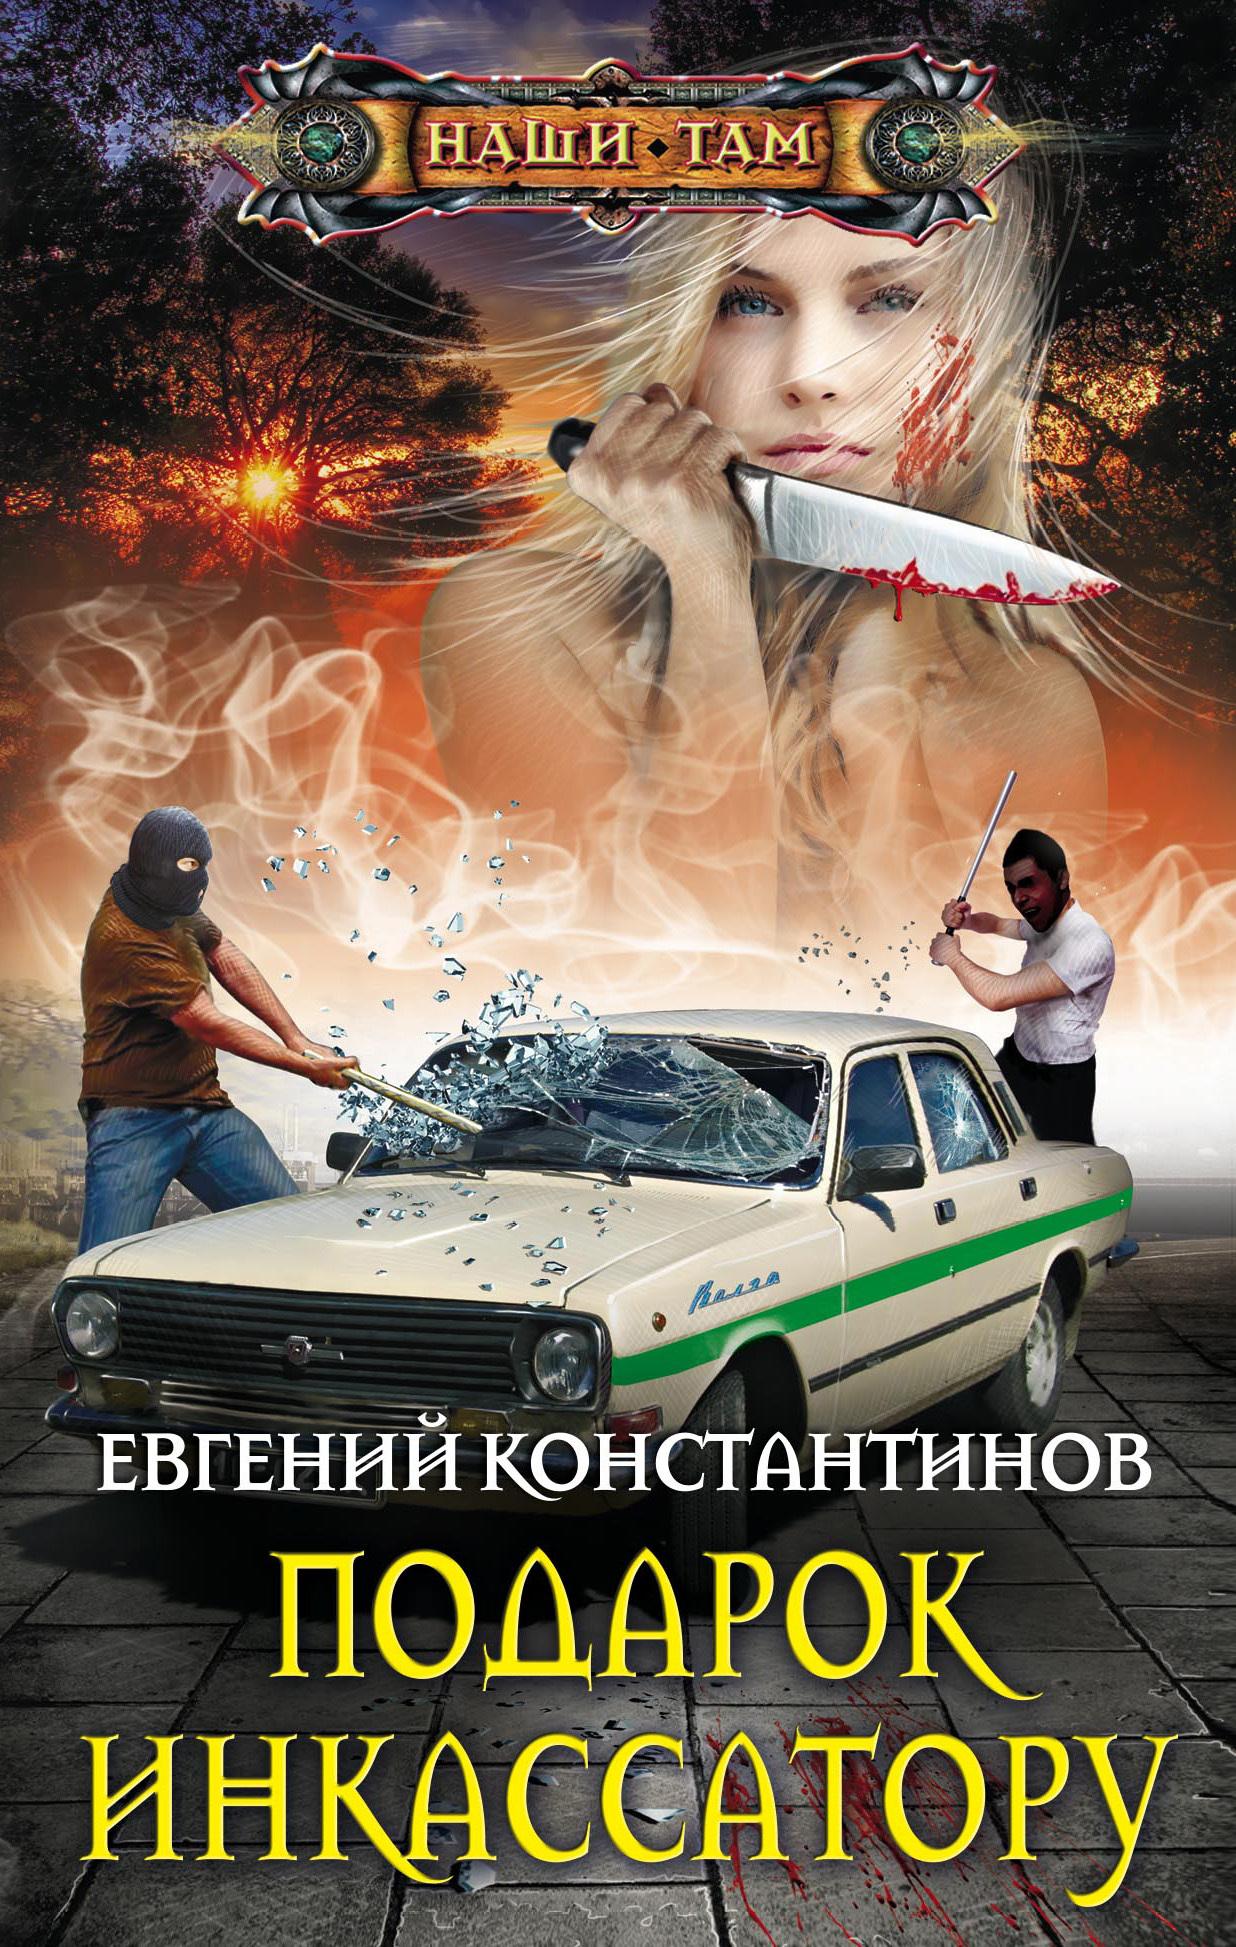 Евгений Константинов. Пограничные возможности 1. Подарок инкассатору